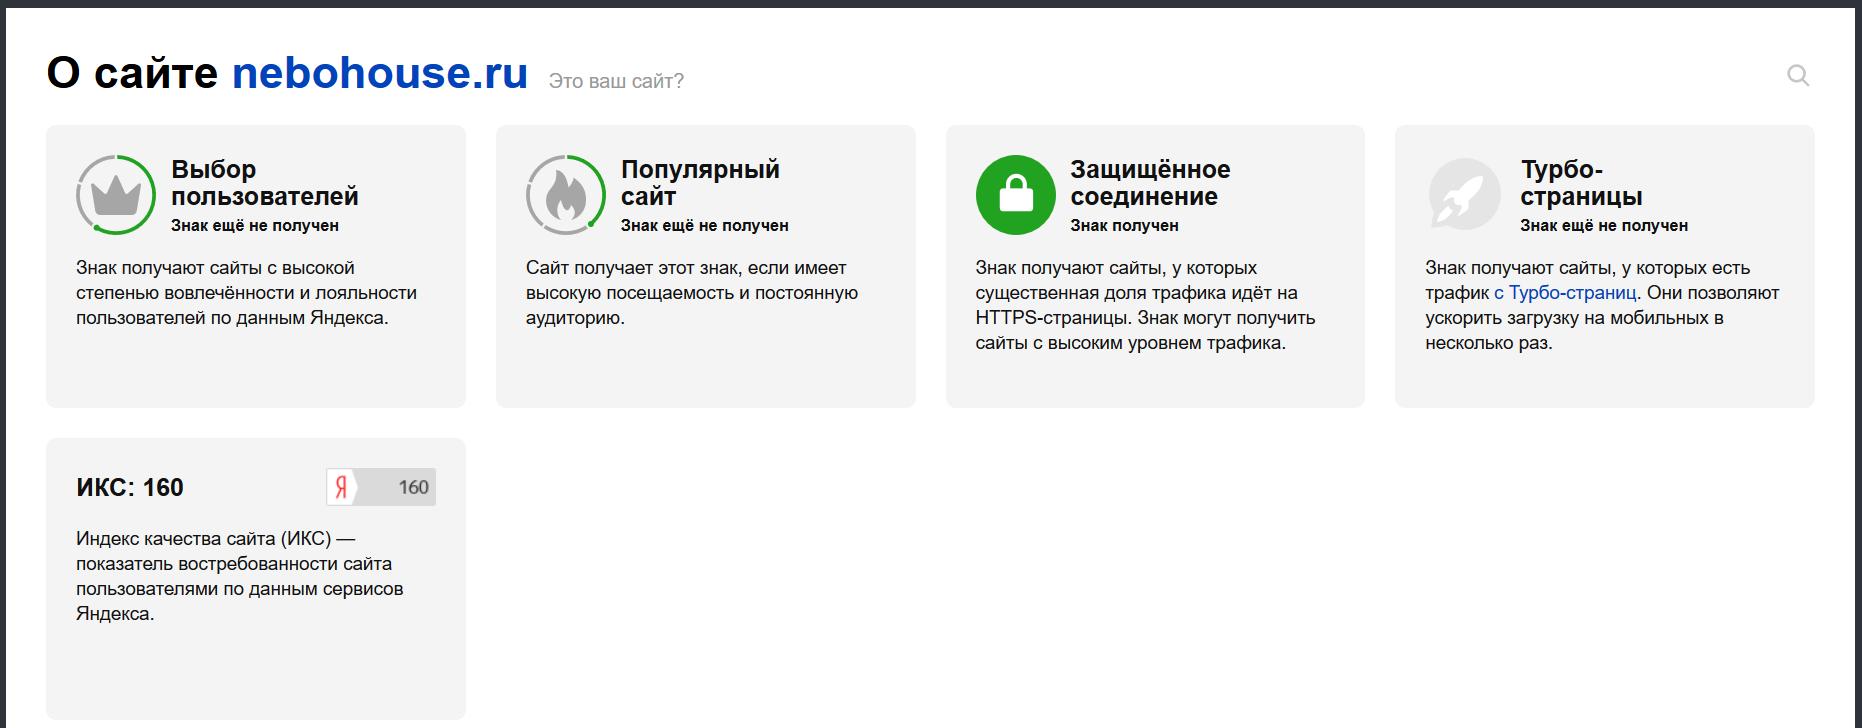 Развернутая информация о сайте Nebohouse.ru